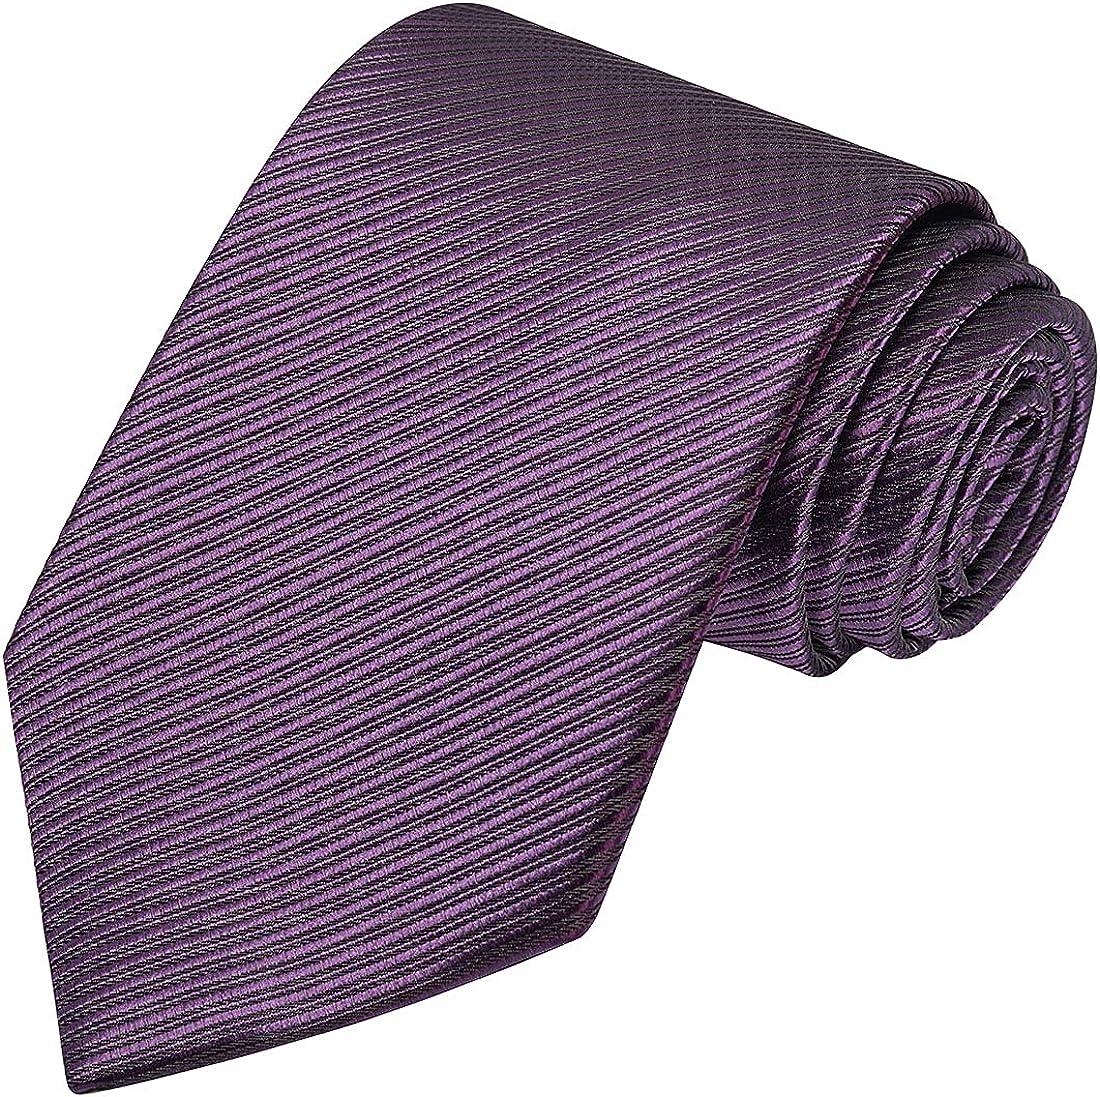 KissTies Mens Necktie Classic 4 years warranty Ties Stripe favorite Men For